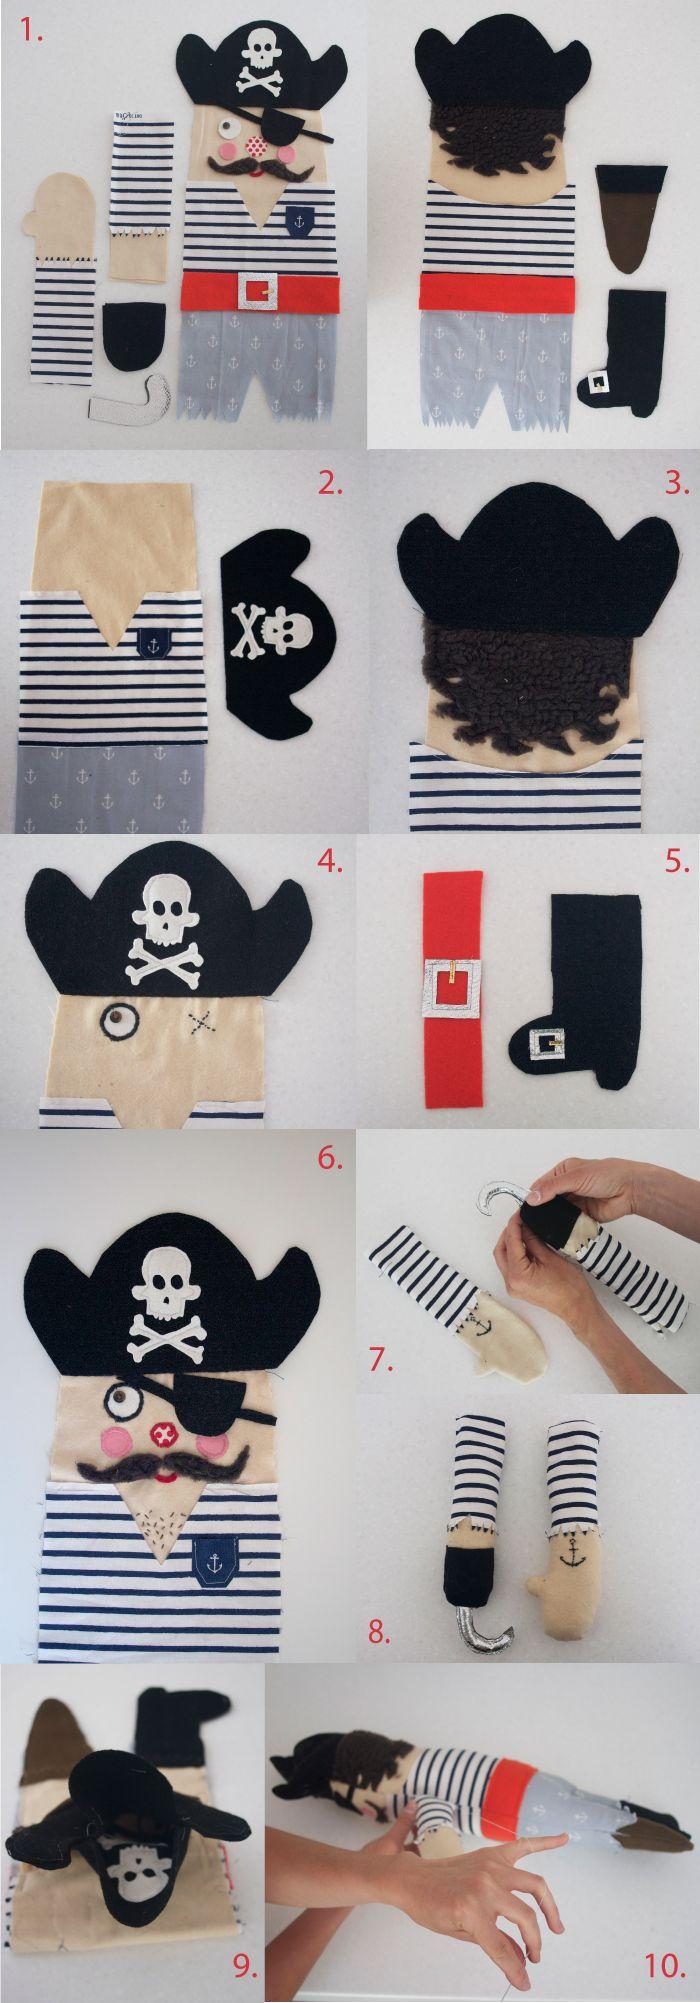 Как сделать поделку пирата 52